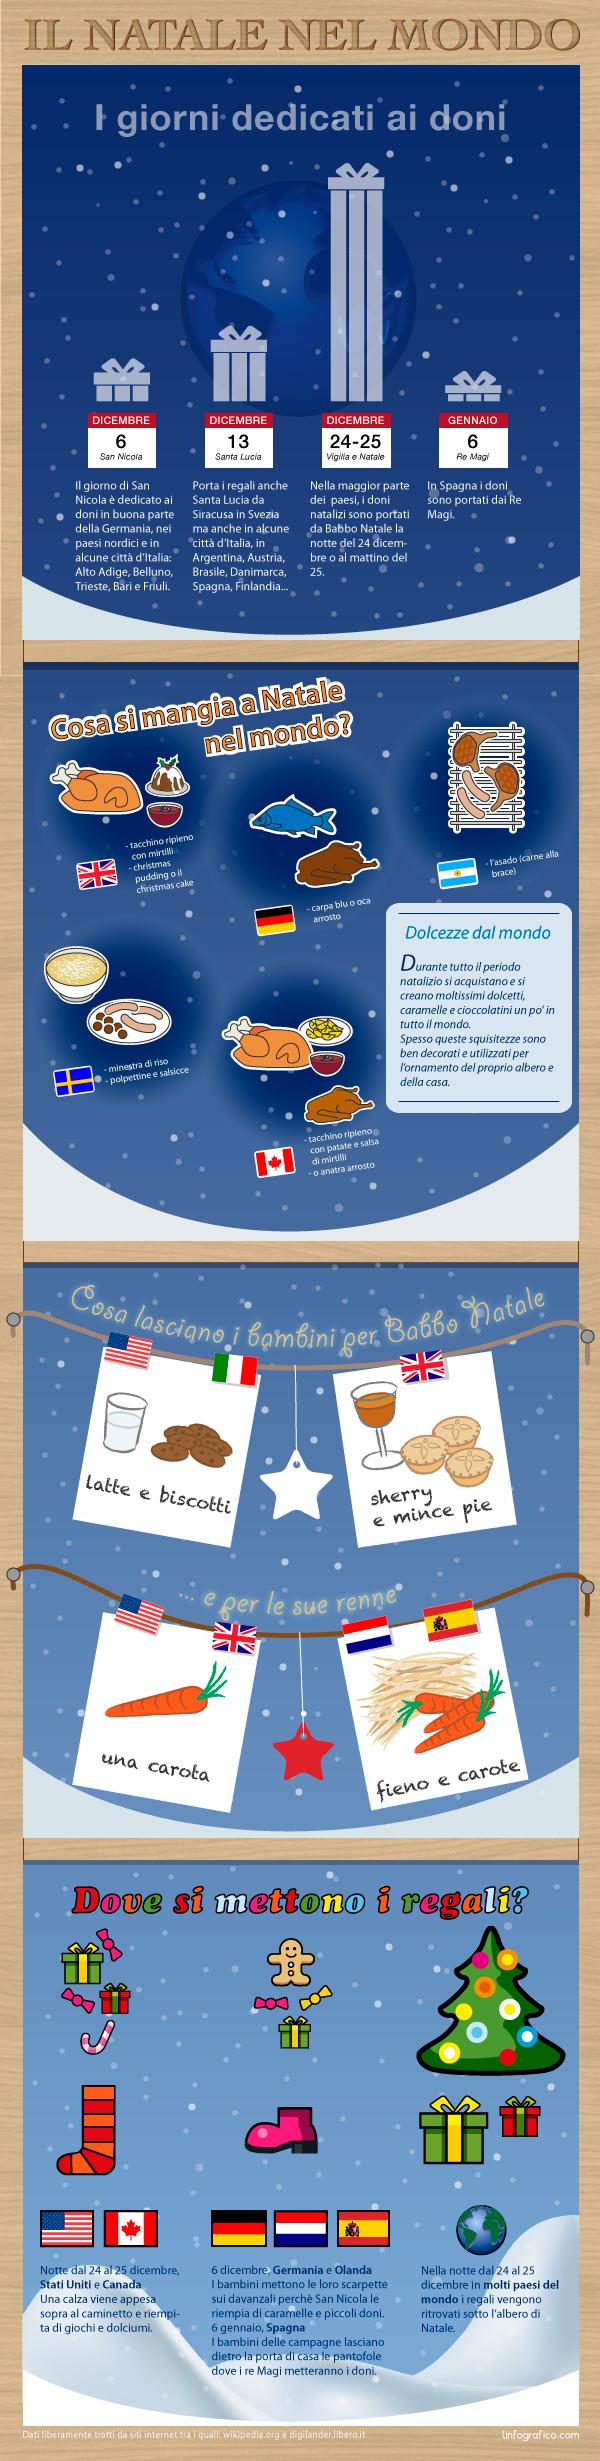 Infografica sulle tradizioni natalizie in tutto il mondo